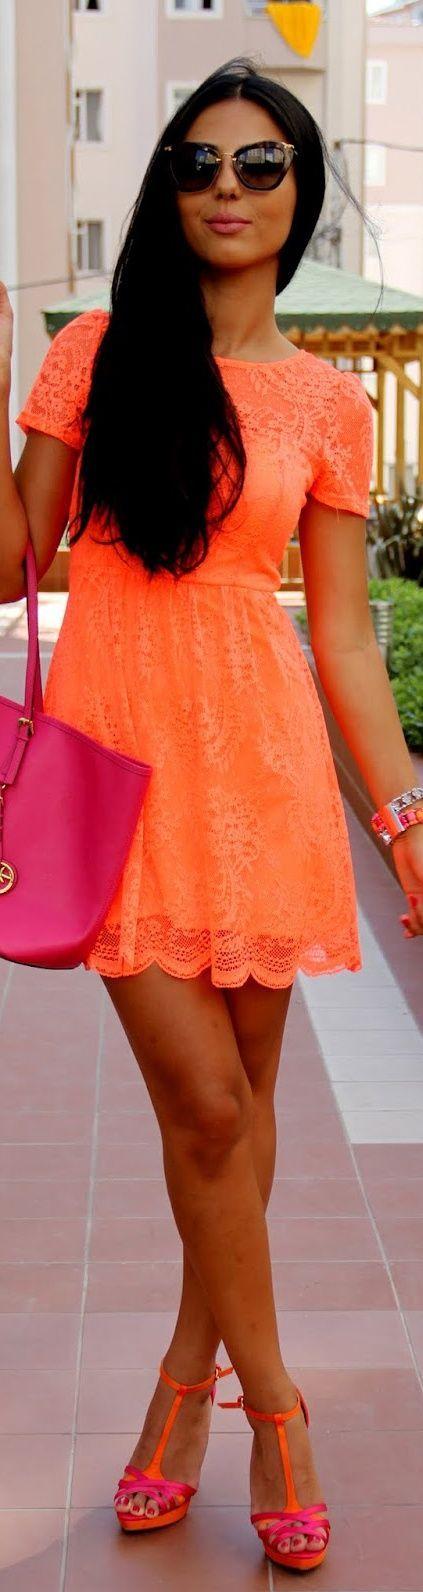 Vestido #color naranja acorde a la temporada.